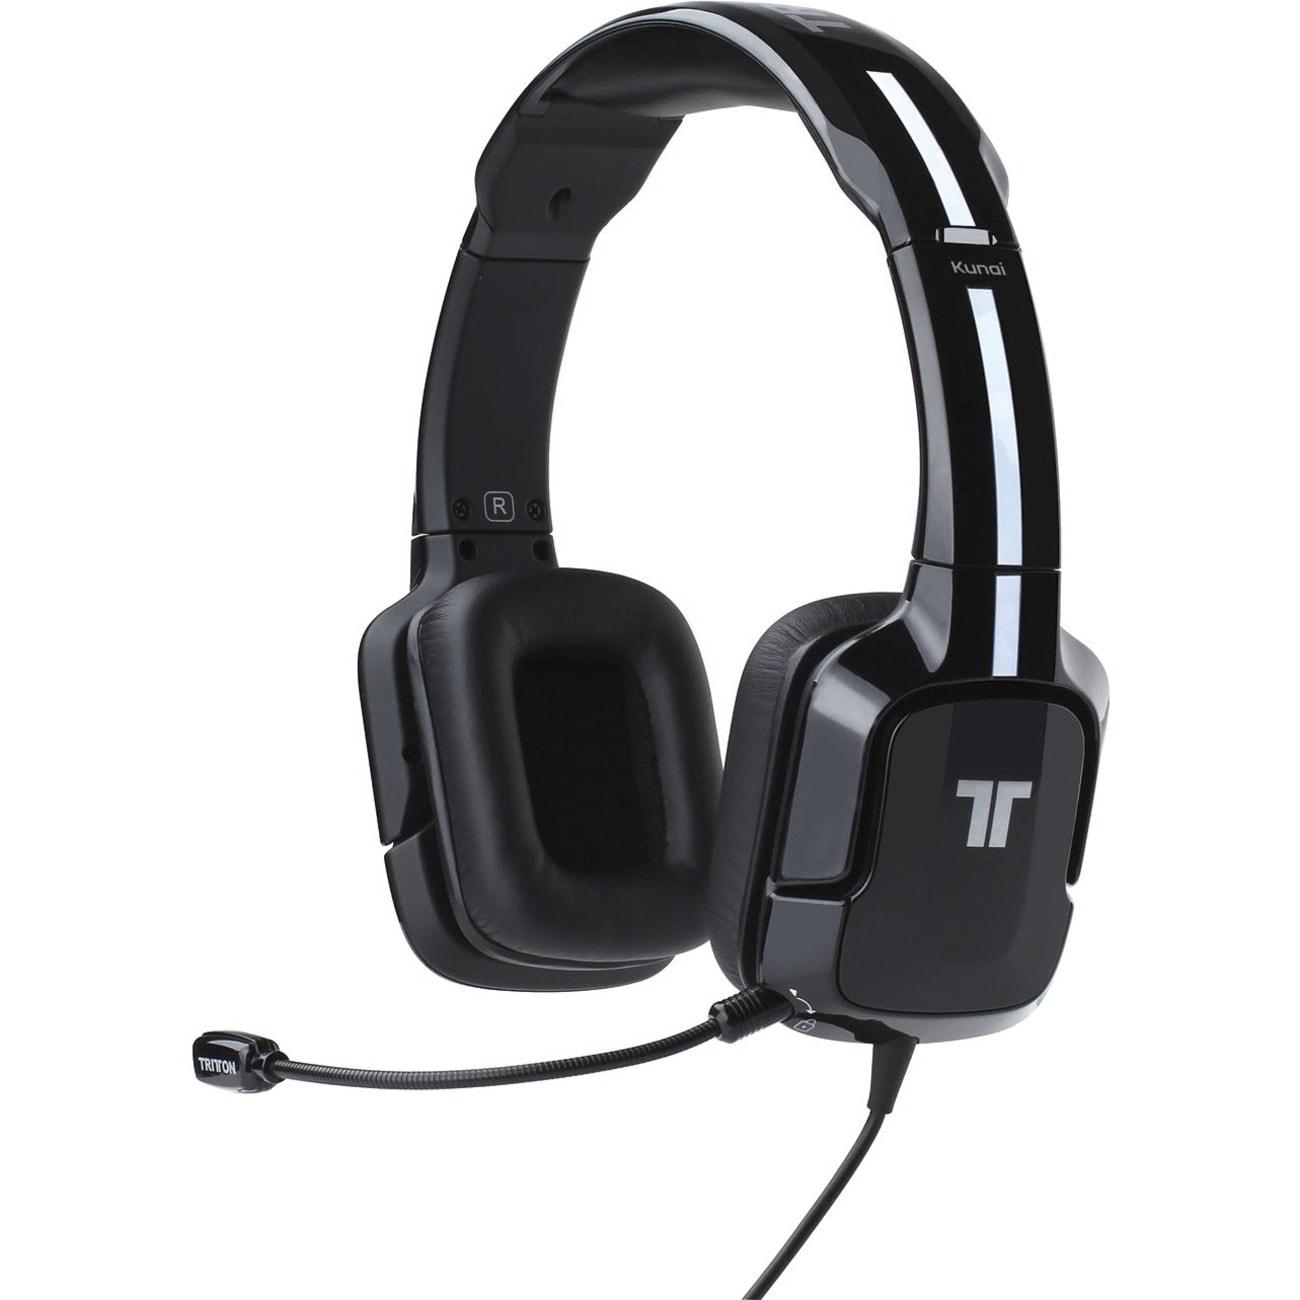 Wireless bluetooth headphones xbox one - wireless bluetooth headphones sport